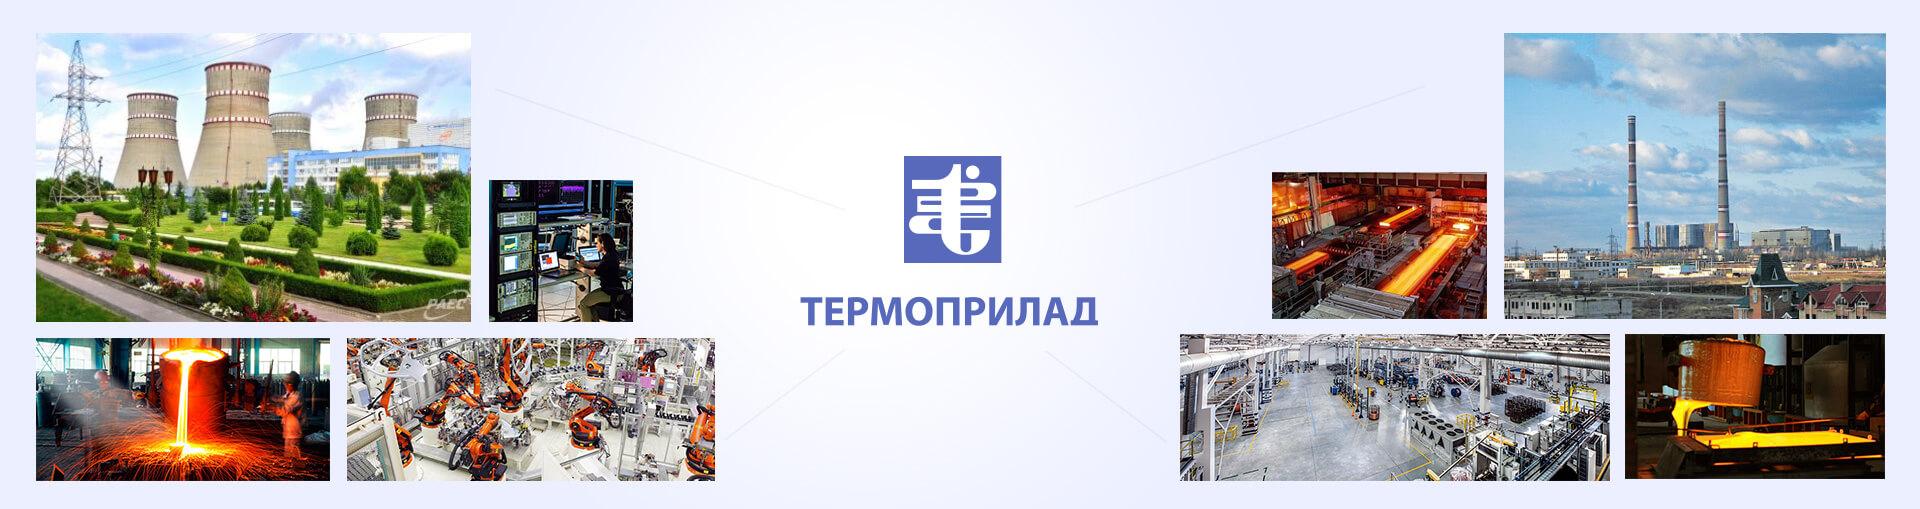 Продукція компанії Термоприлад